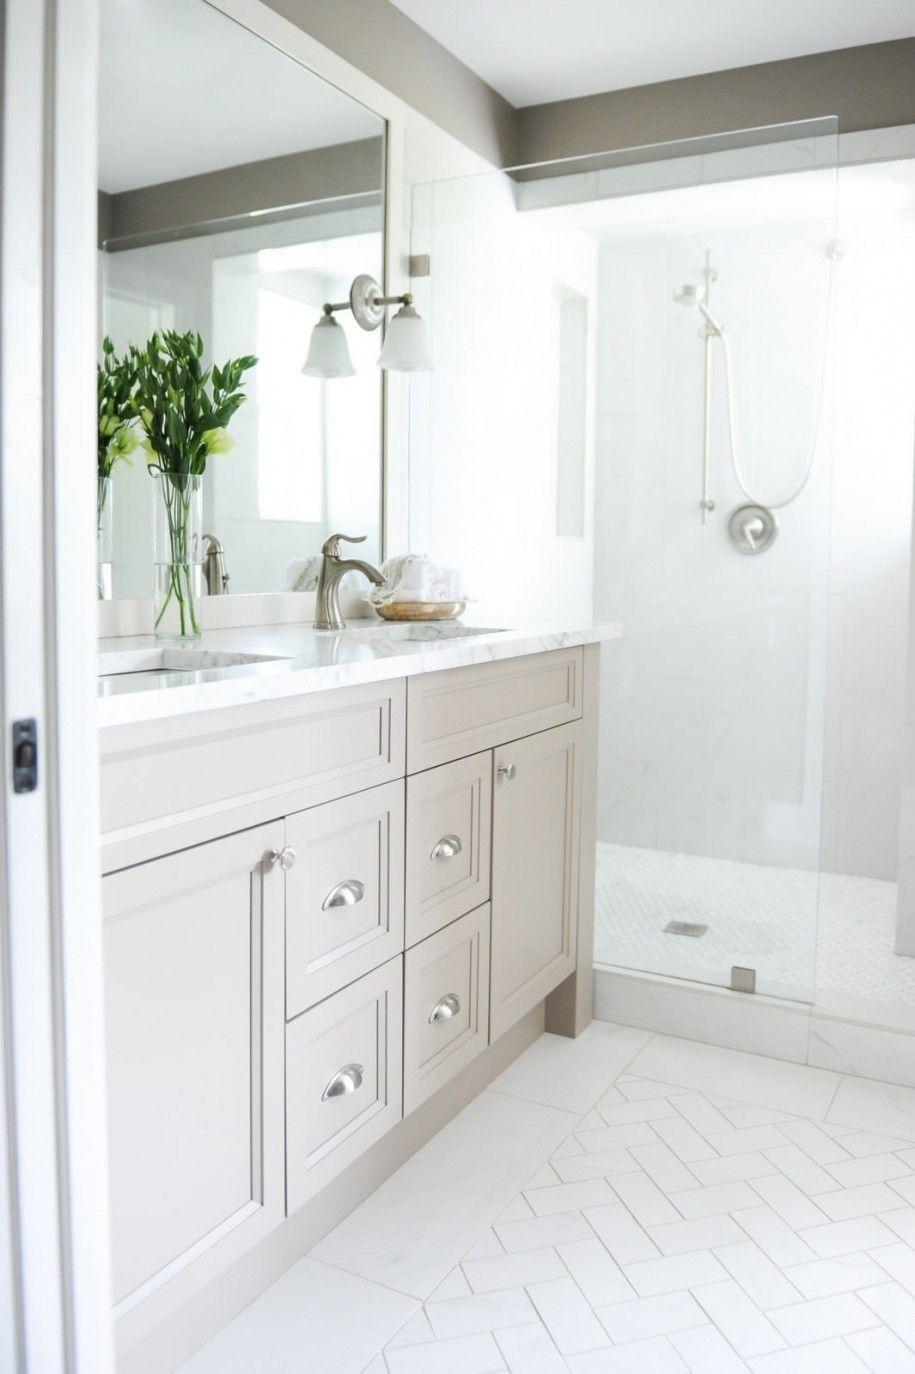 Inspiring remodel bathroom plus bathroom floor tile ideas inspiring remodel bathroom plus bathroom floor tile ideas traditional bathroom with beige walls and herringbone doublecrazyfo Image collections